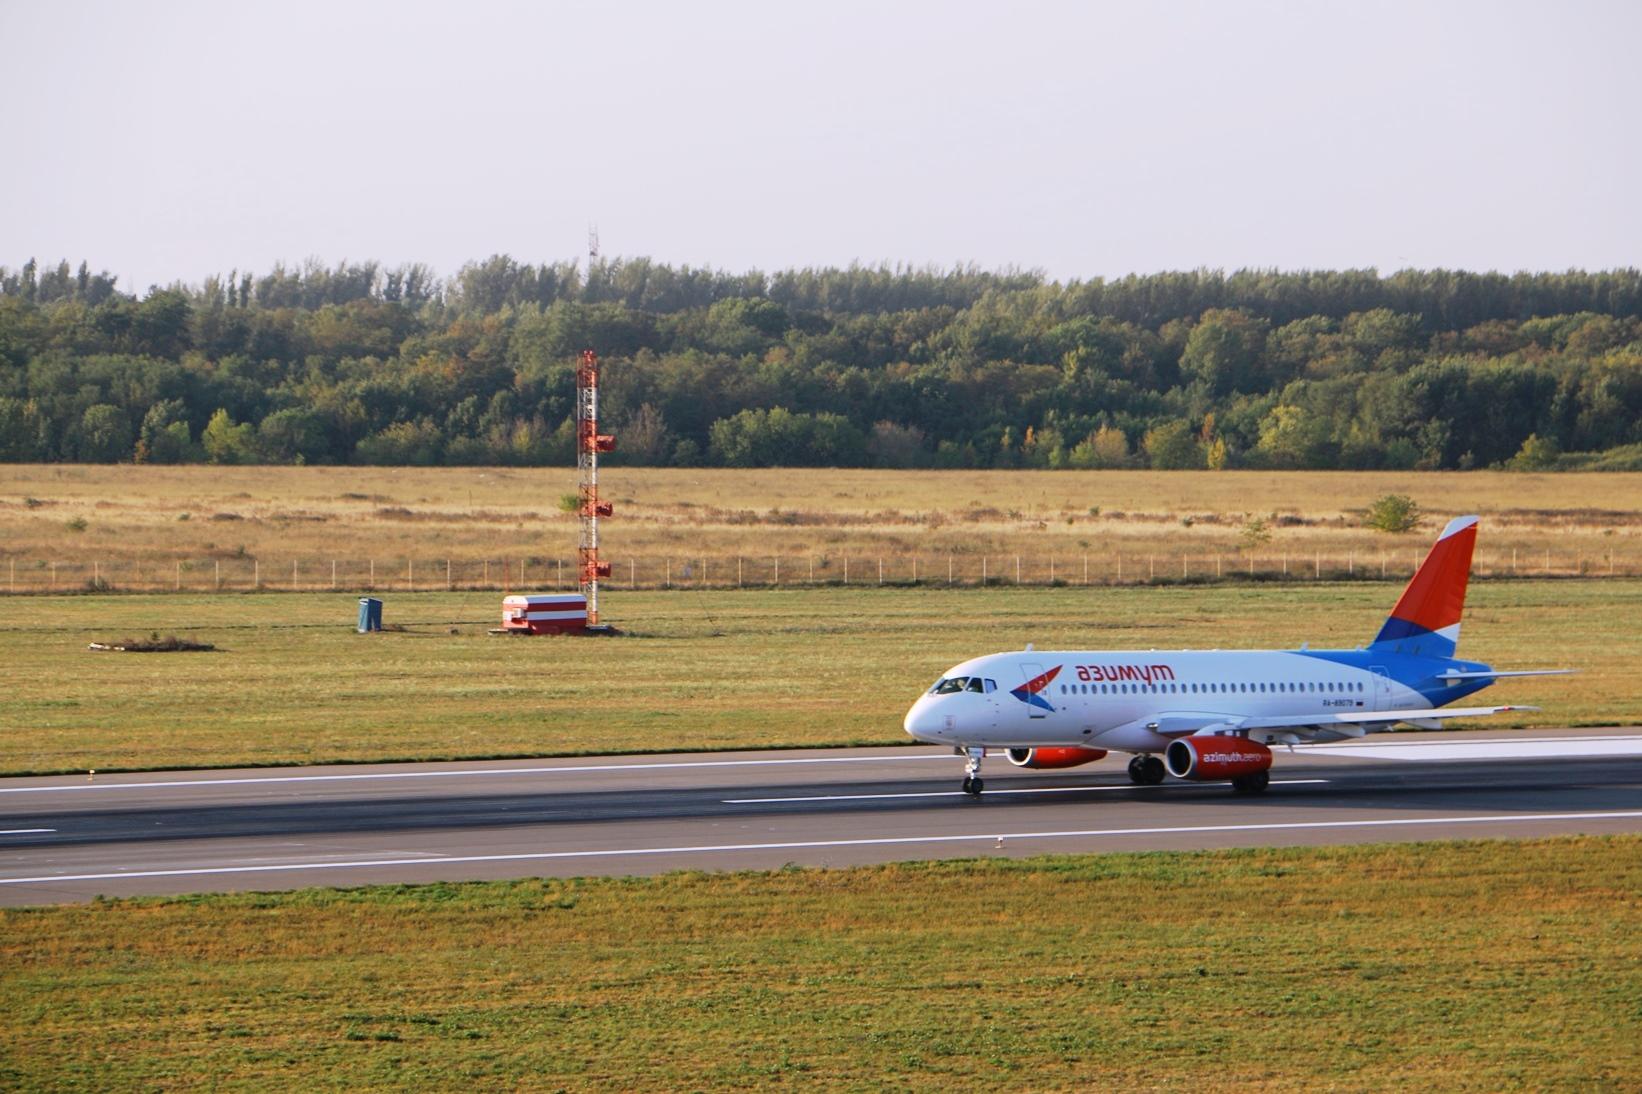 Изростовского аэропорта отправился 1-ый постоянный рейс авиакомпании «Азимут»